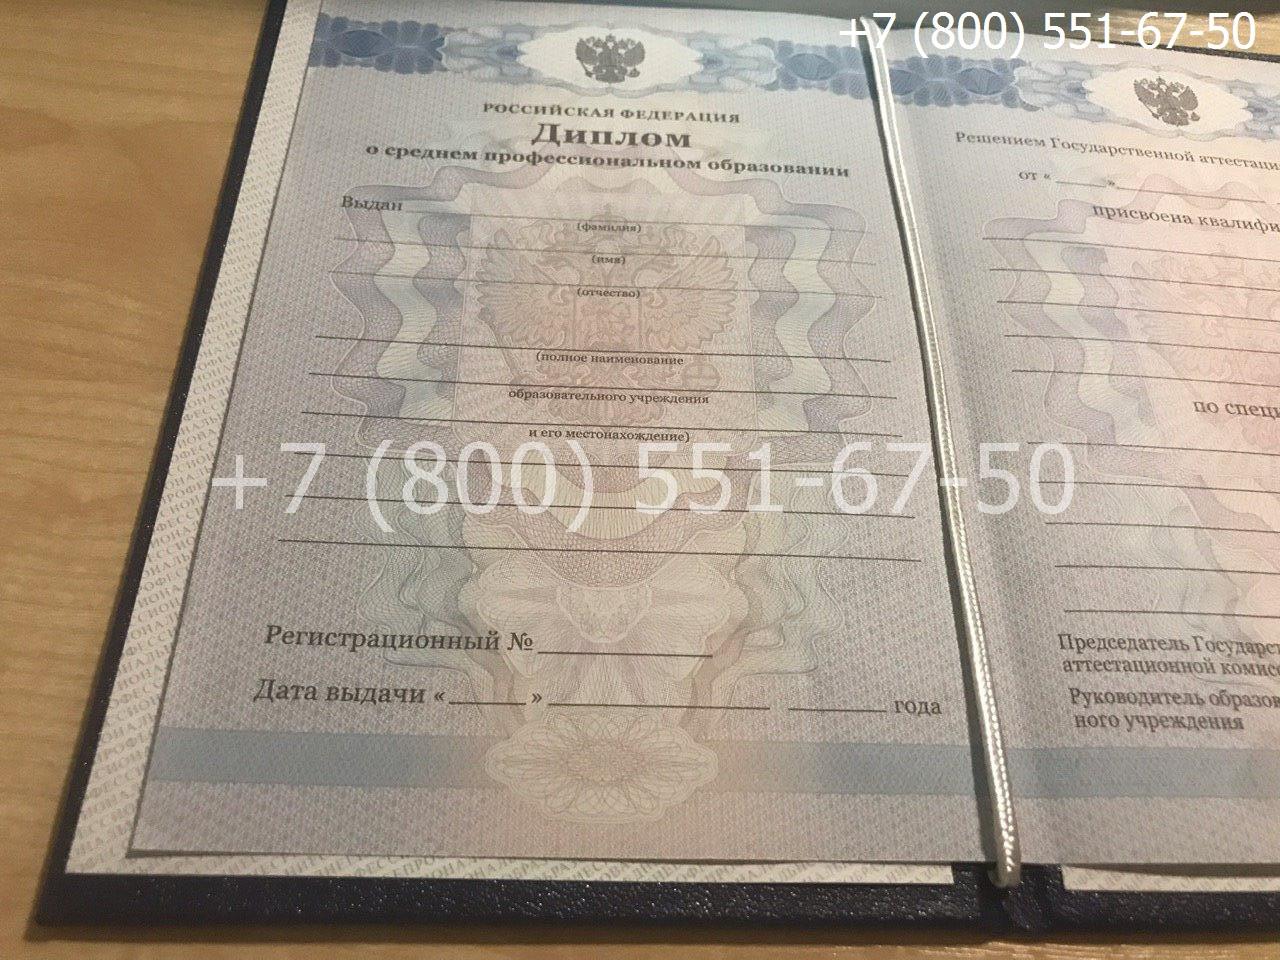 Диплом техникума 2011-2013 годов, старого образца-2